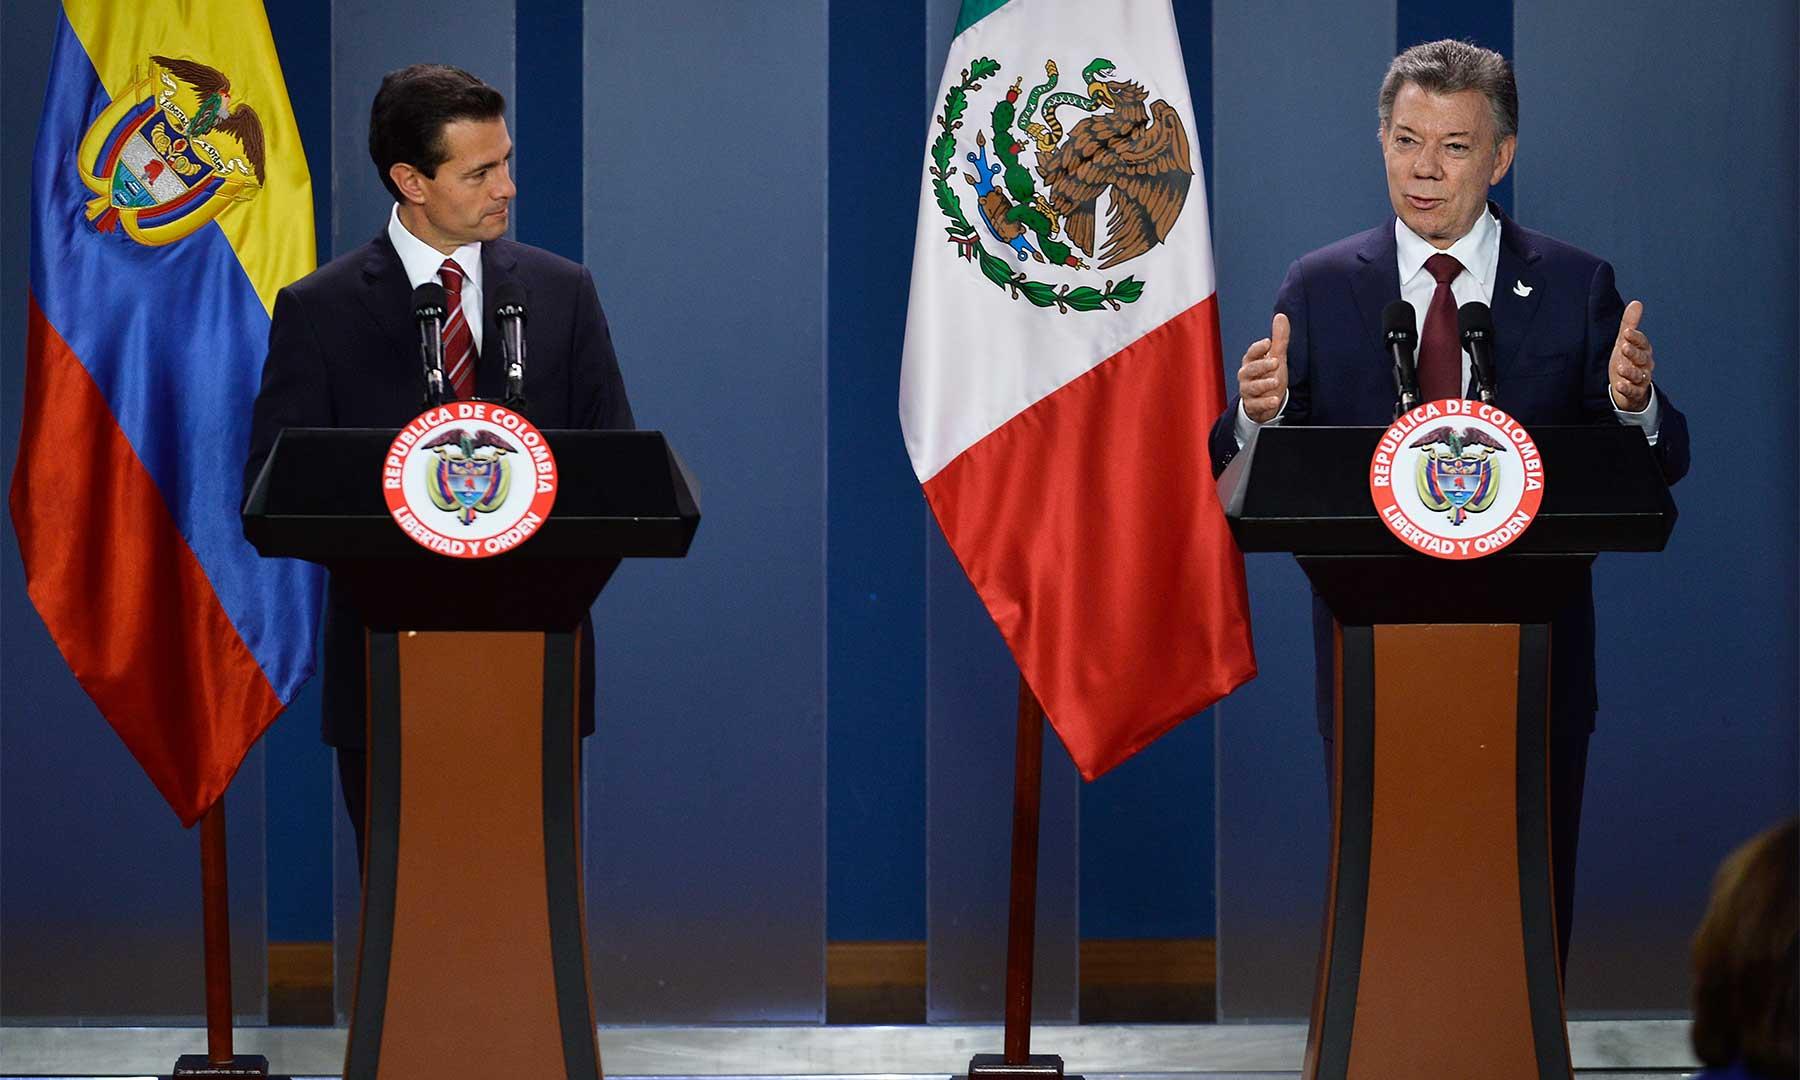 Los Presidentes de Colombia y México se comprometieron a profundizar su relación comercial, cultural, educativa y deportiva con la suscripción de distintos convenios bilaterales.